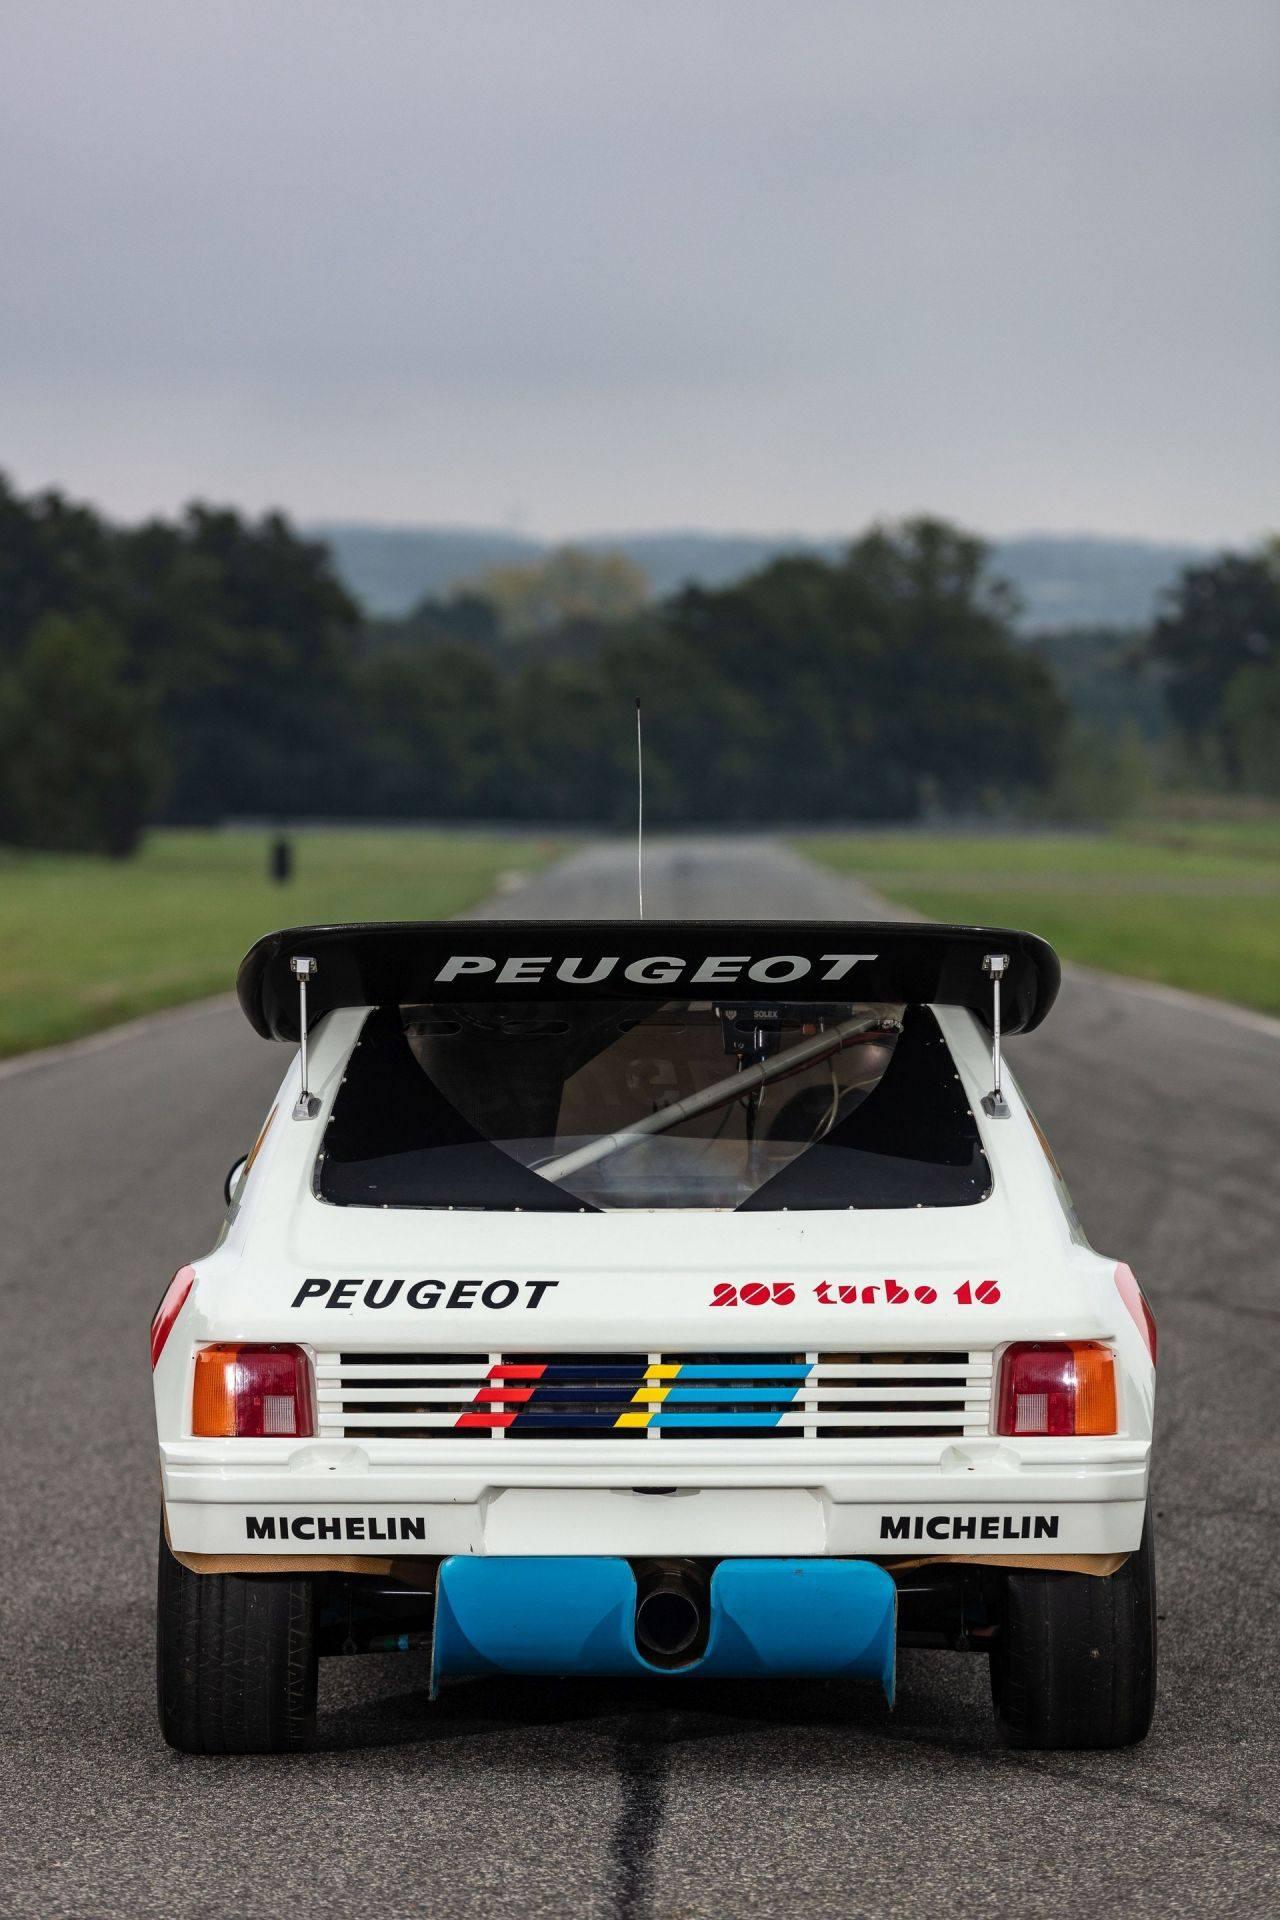 1985_Peugeot_205_Turbo_16_Evolution_2_sale-0050